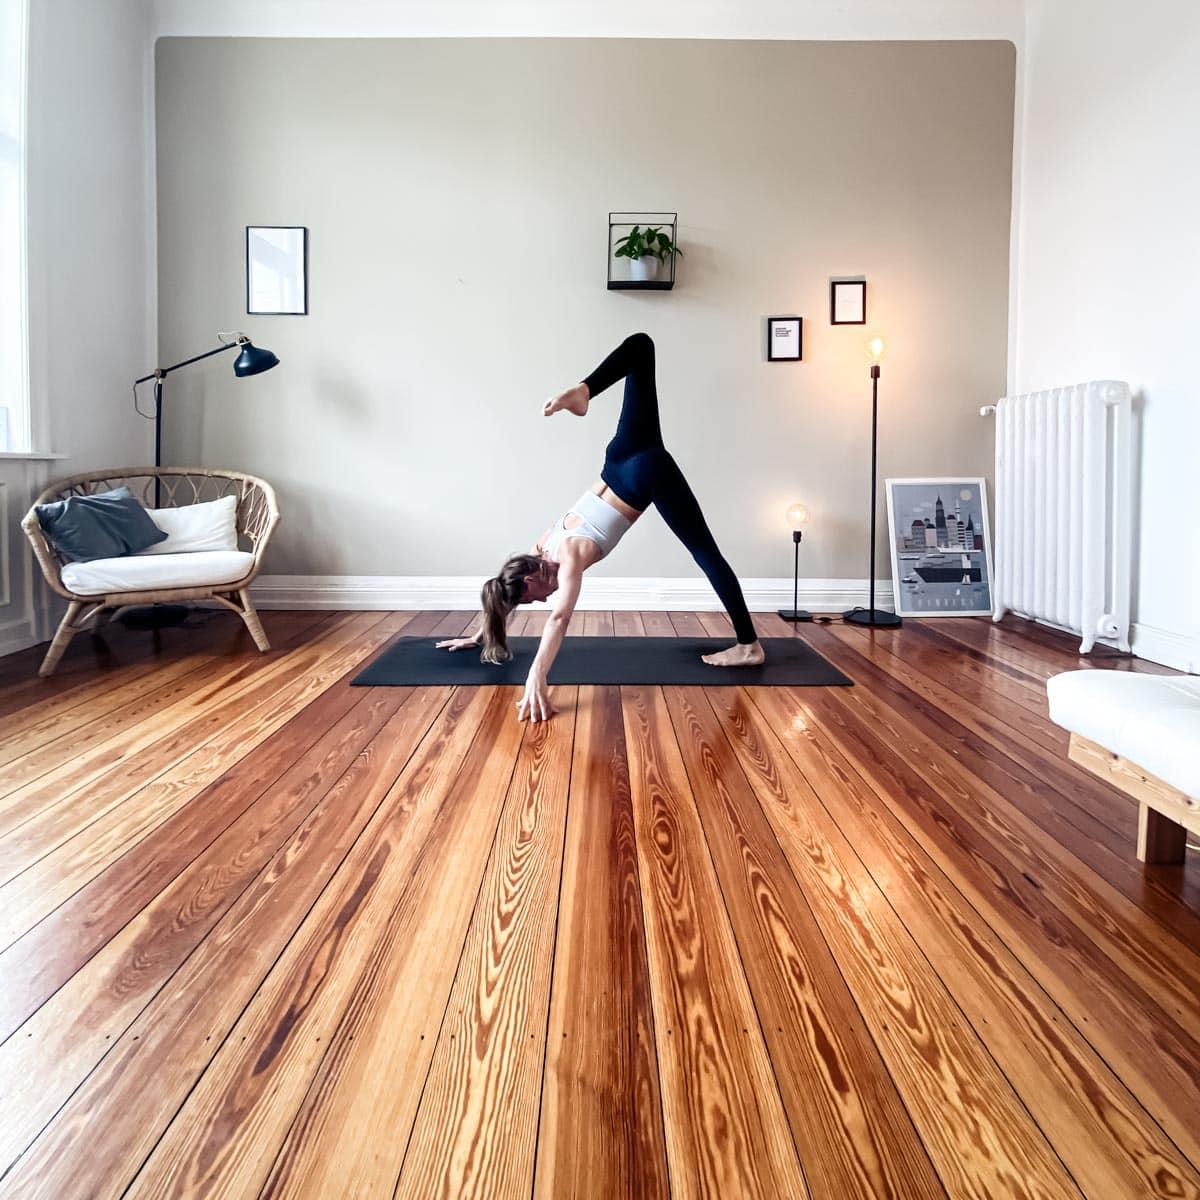 yoga flow open